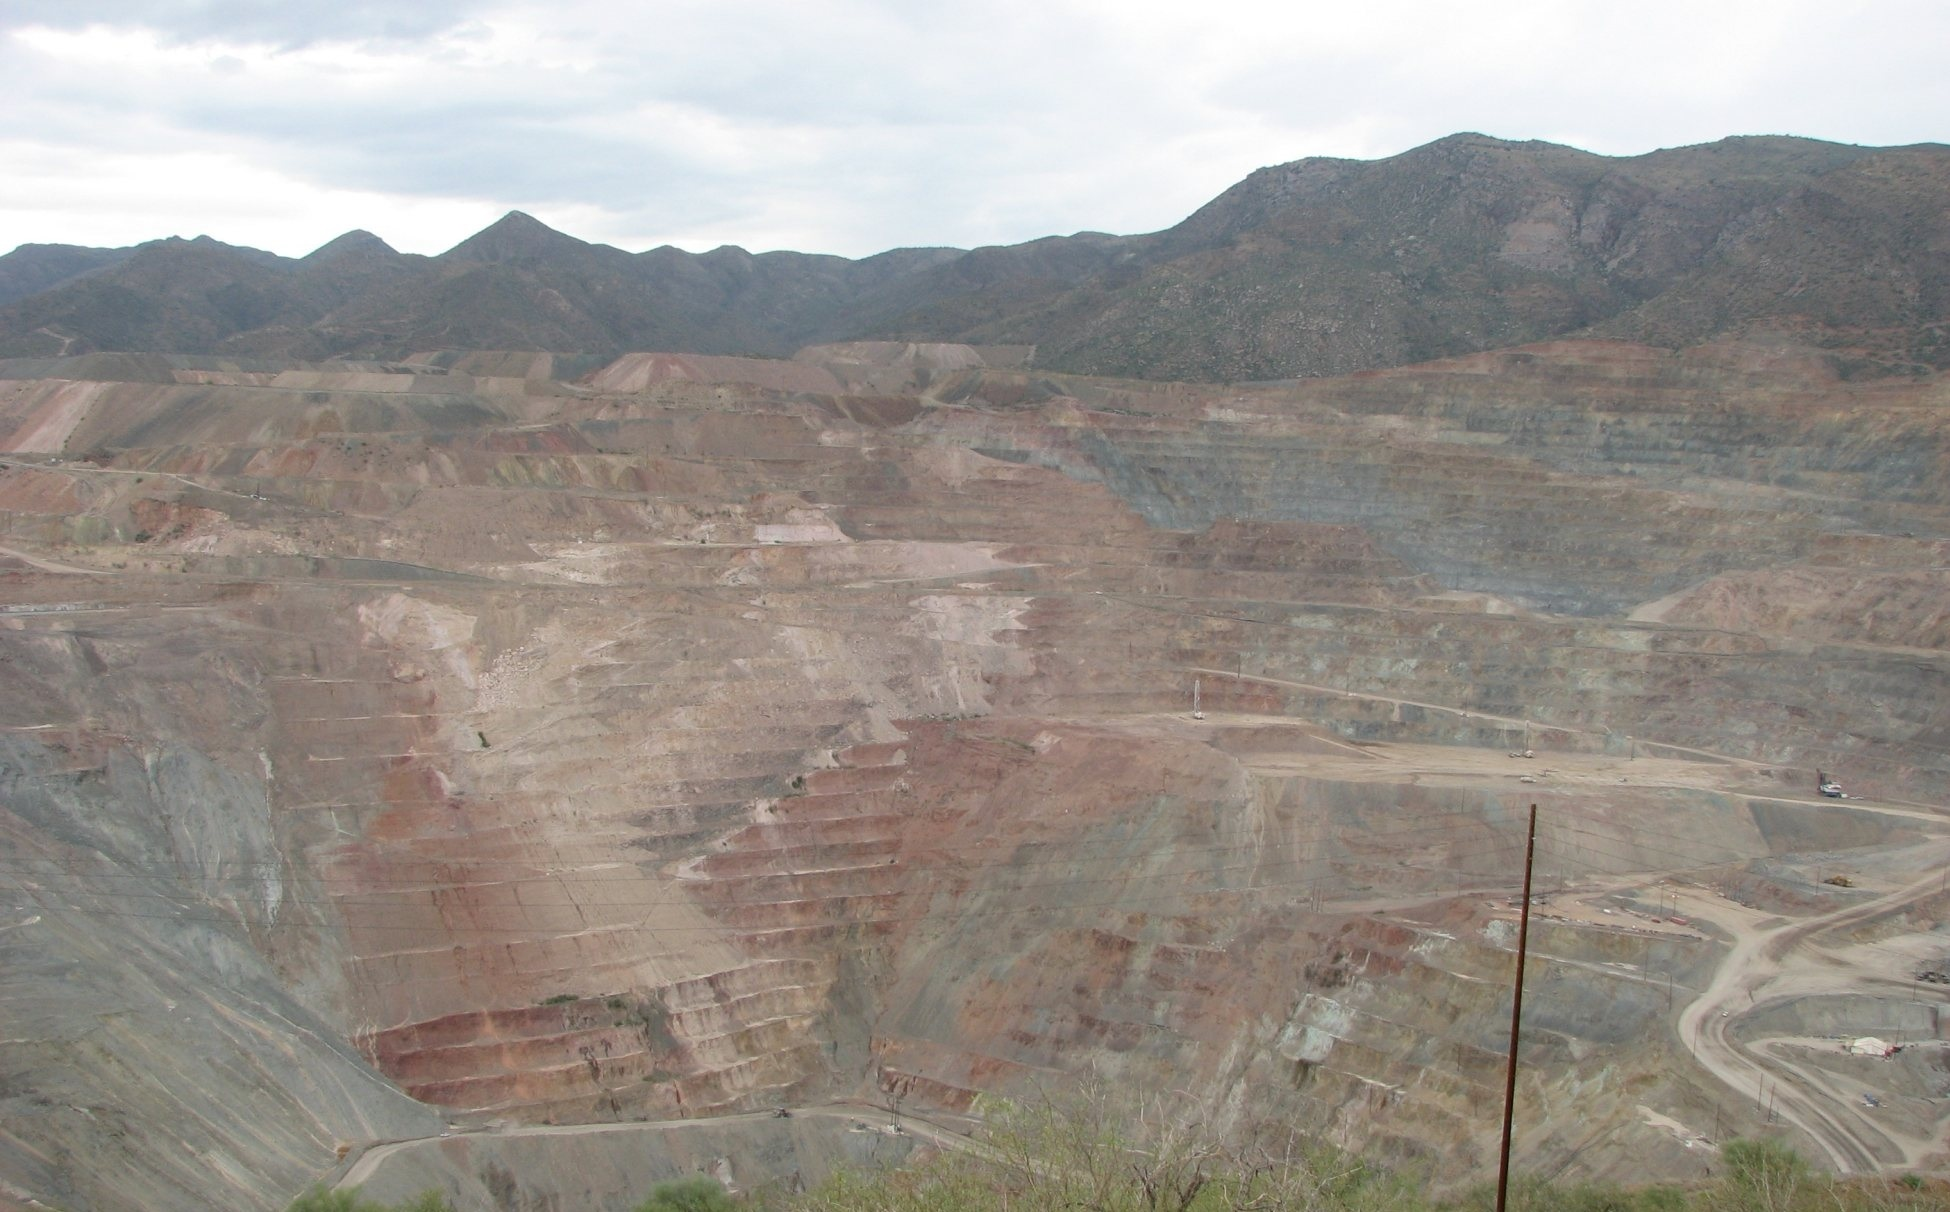 La licencia social se obtiene con la aprobación de la comunidad de los beneficios de la minería sobre los impactos.